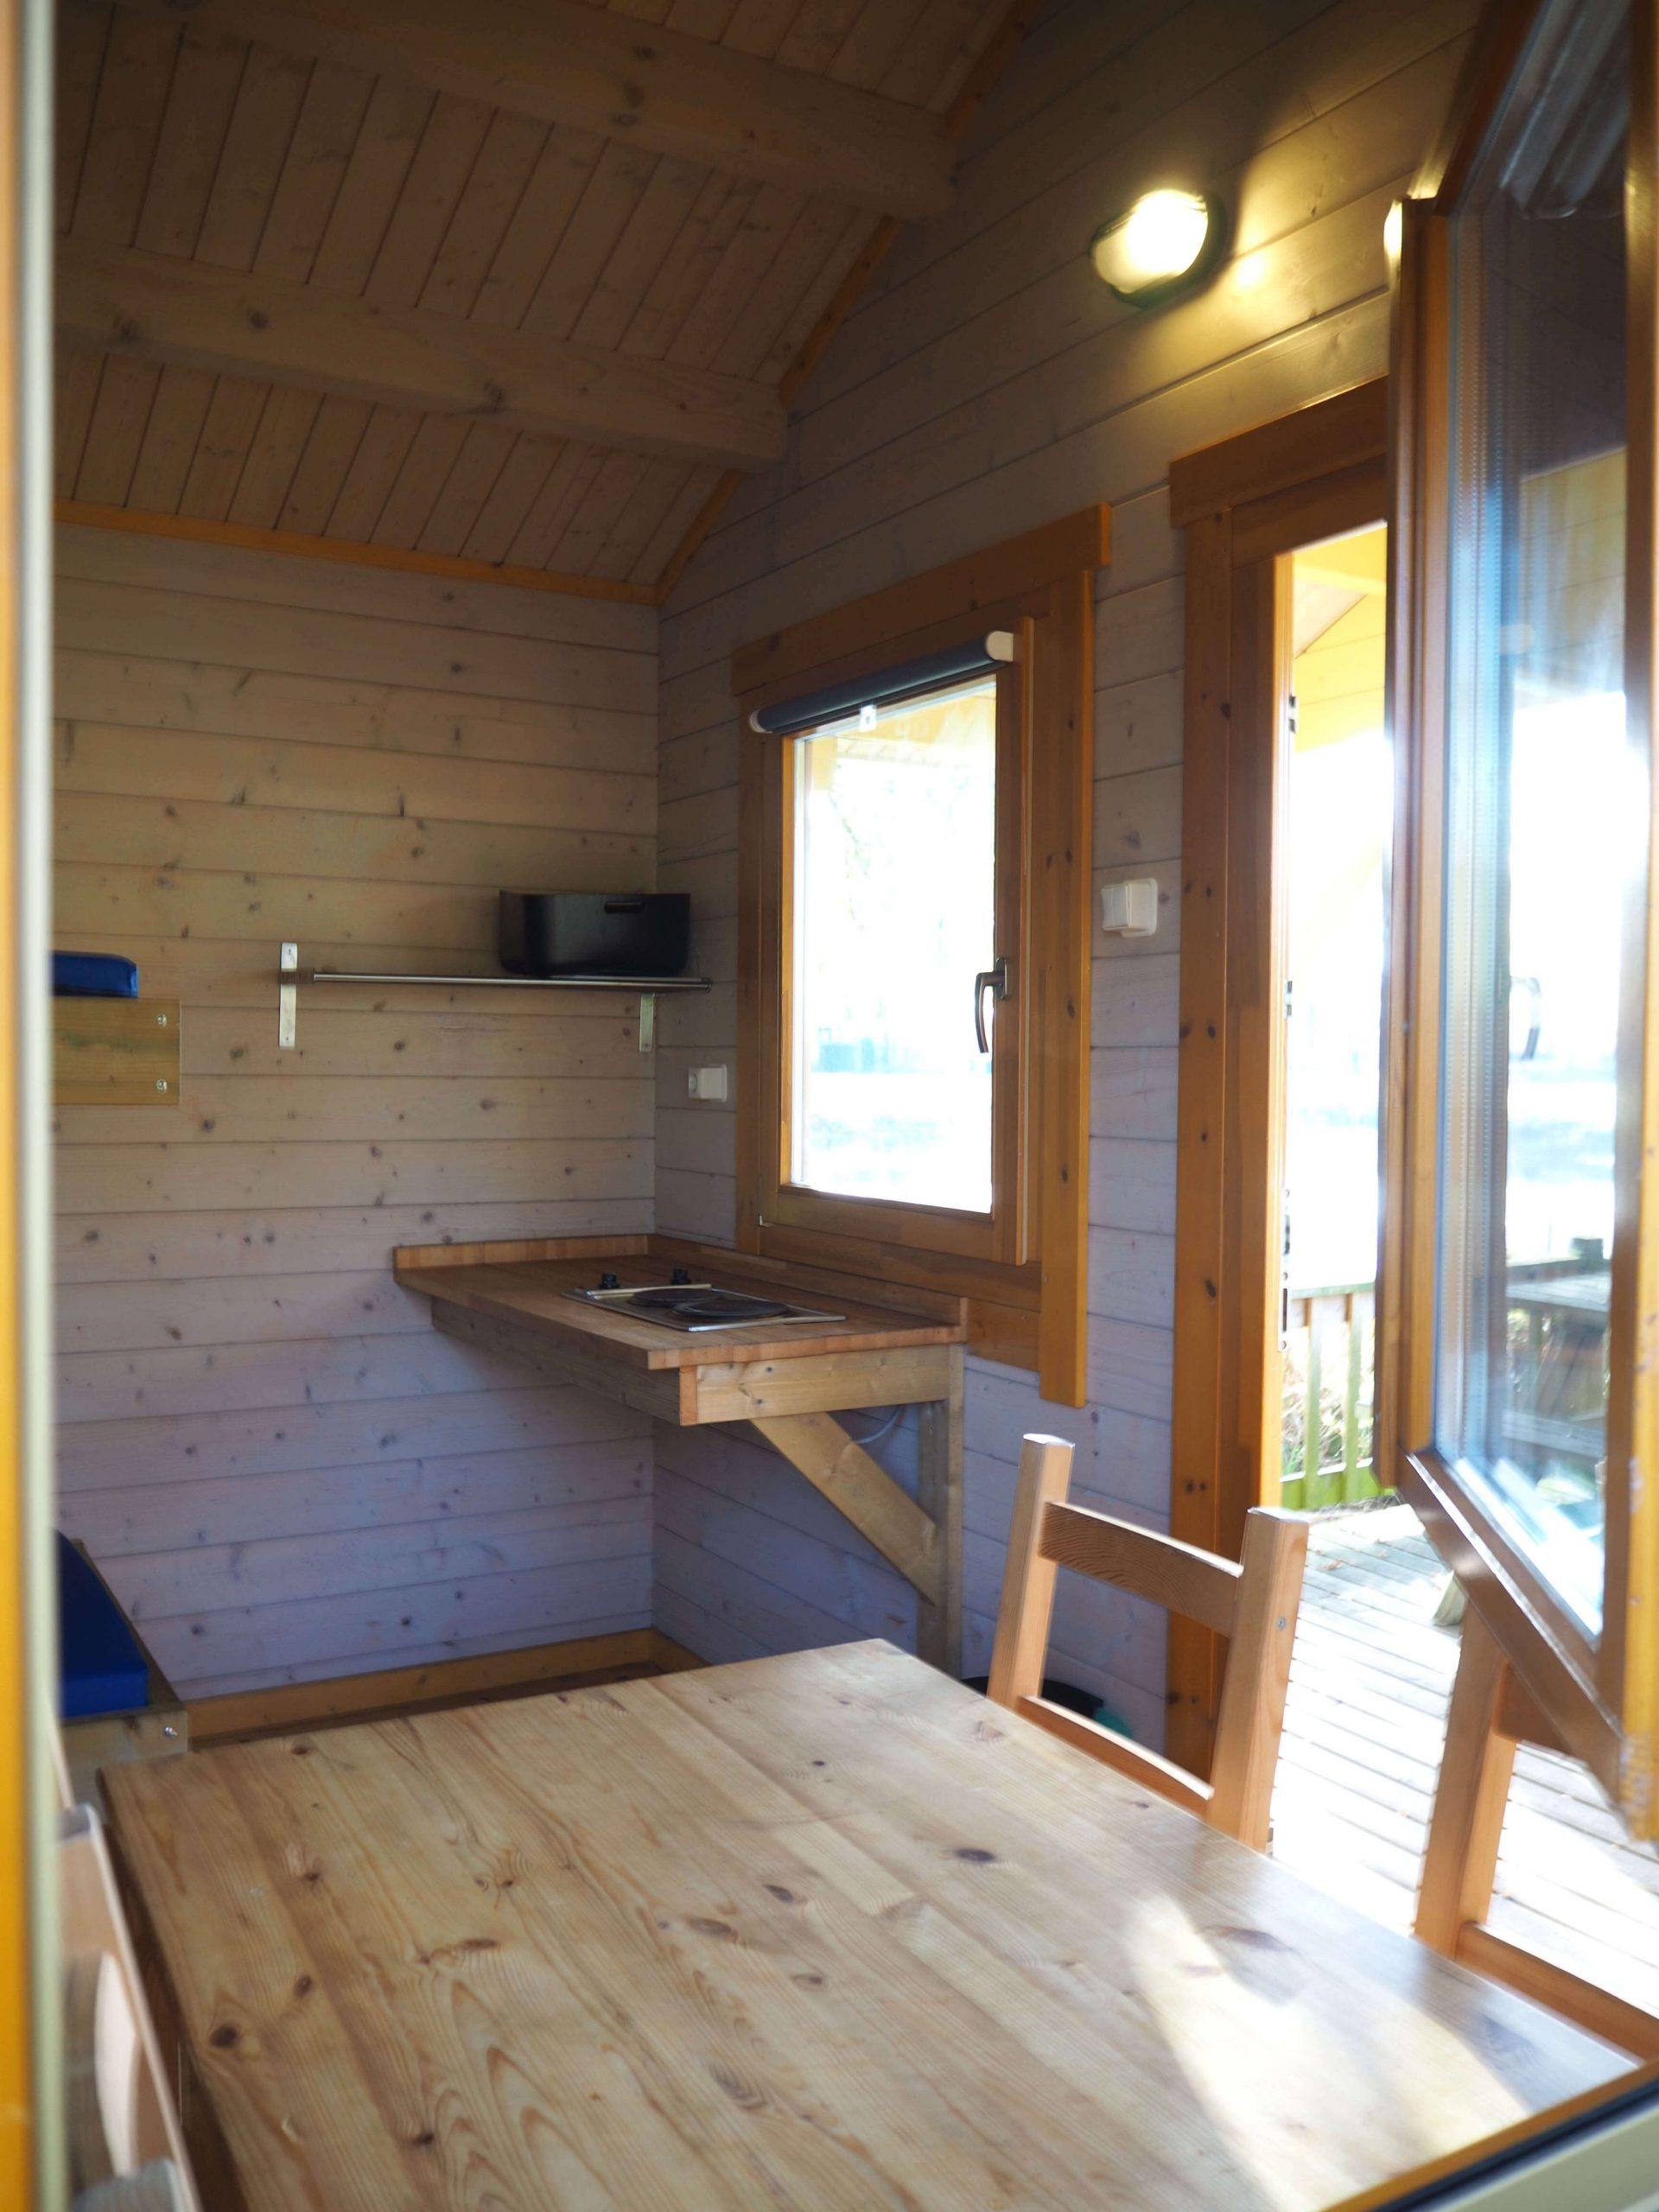 Minimale maar comfortabele inrichting in trekkershut / kampeerhut in Kampeerhut / Trekkershut